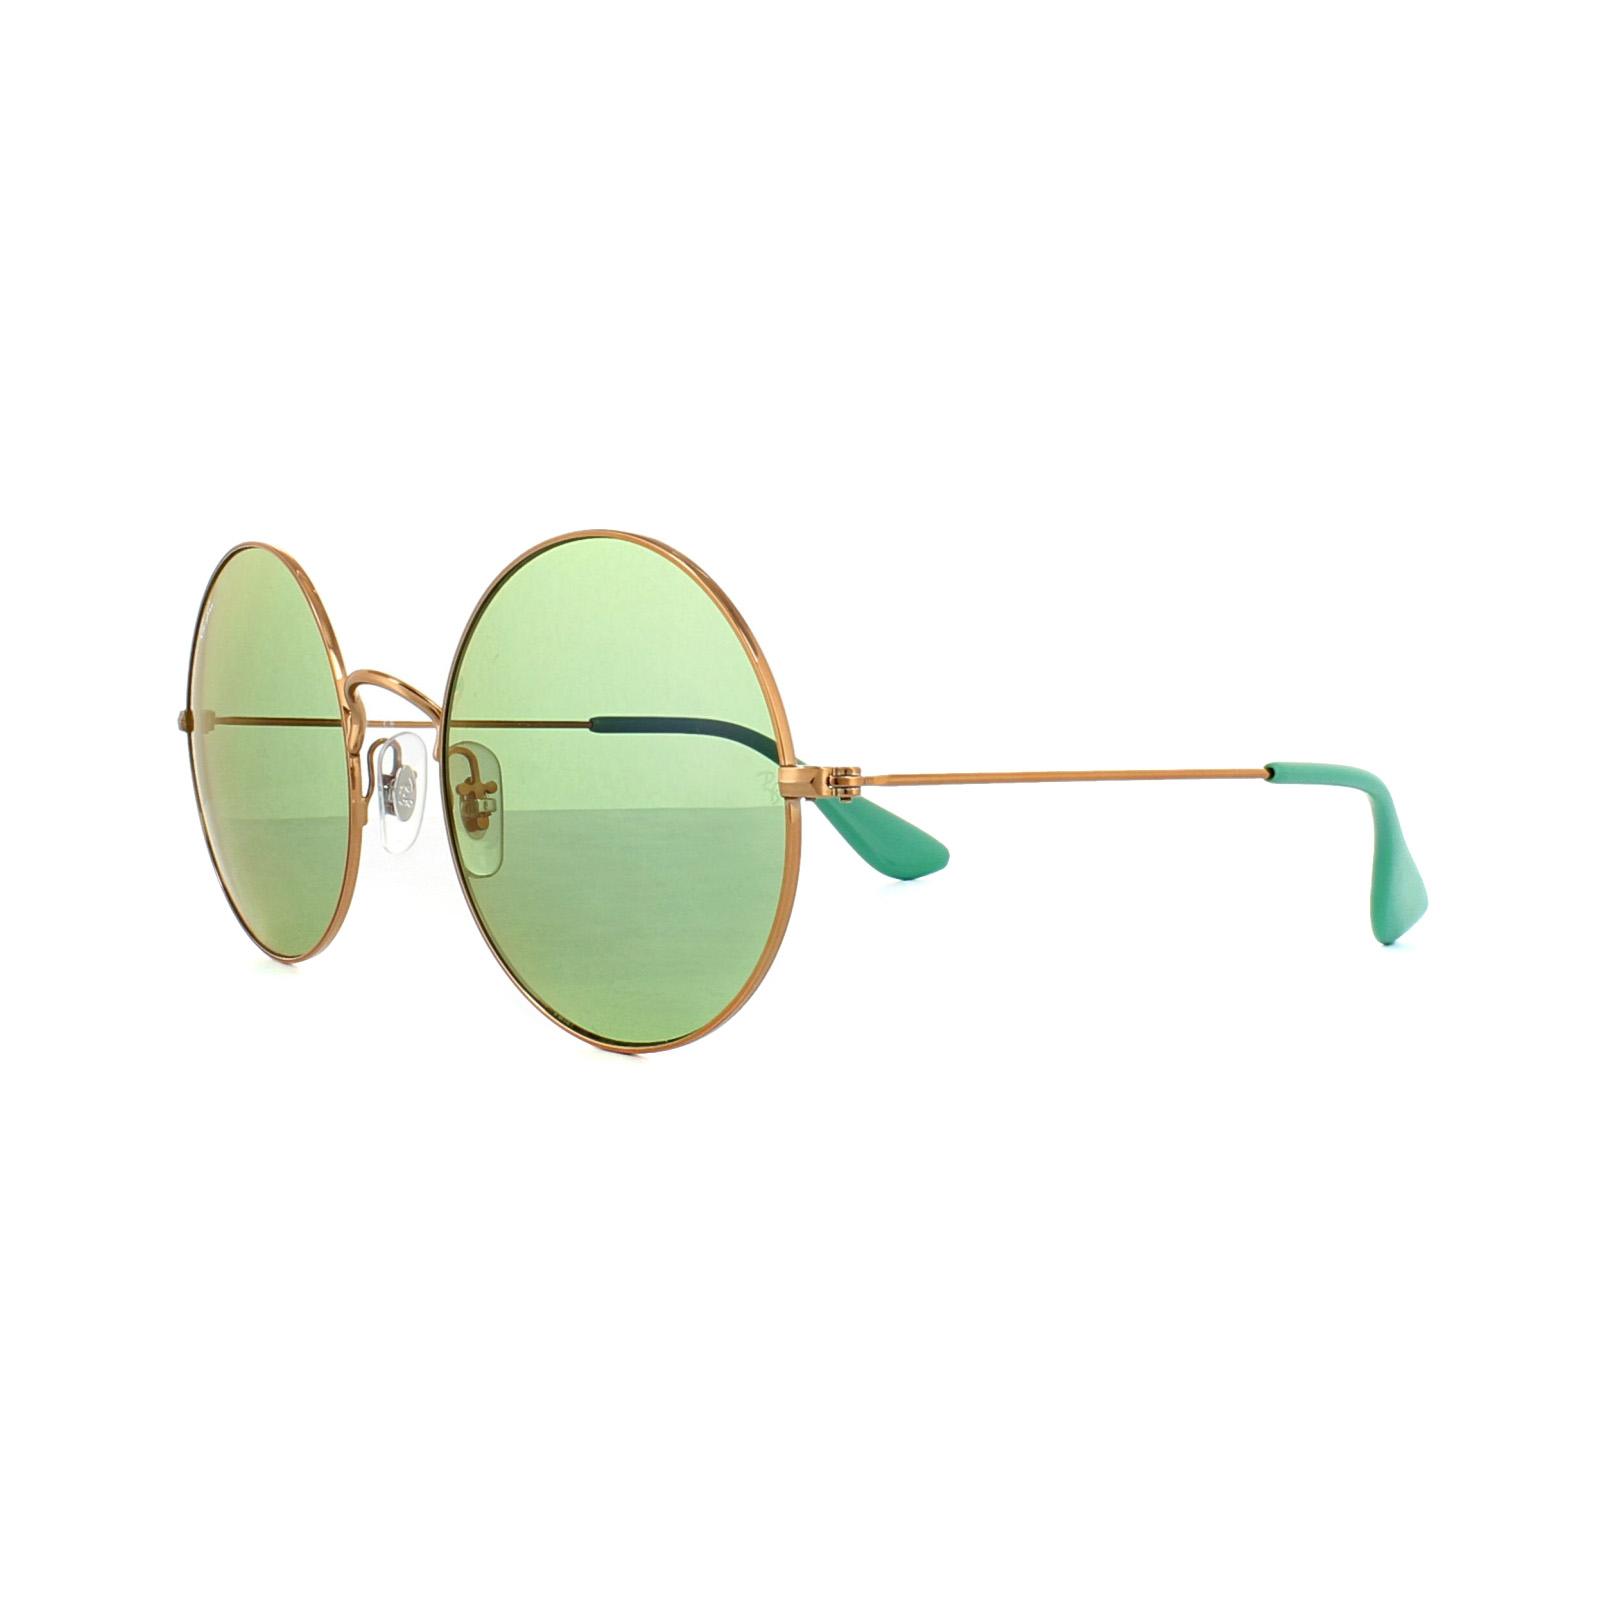 93f9e181cc4 Sentinel Ray-Ban Sunglasses Ja-Jo 3592 9035C7 Bronze Copper Green